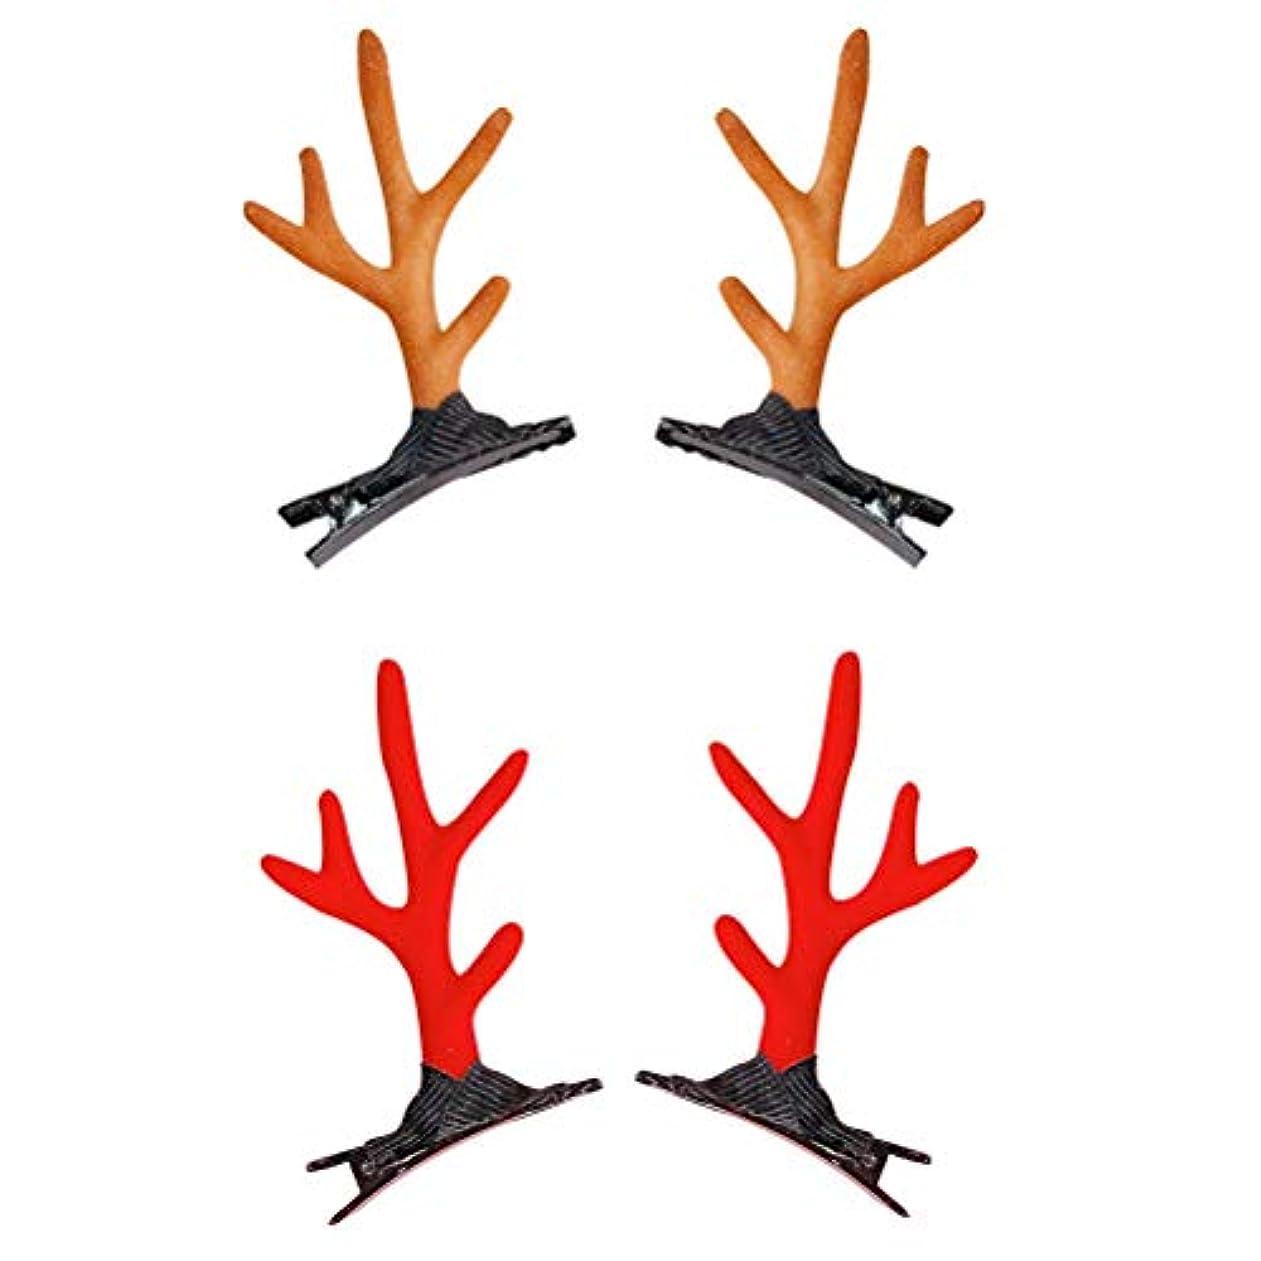 残高ピッチまたねHEALIFTY 4PCSガールズヘアアクセサリーラブリークリスマスアントラーヘアクリップバレッタヘアアクセサリー